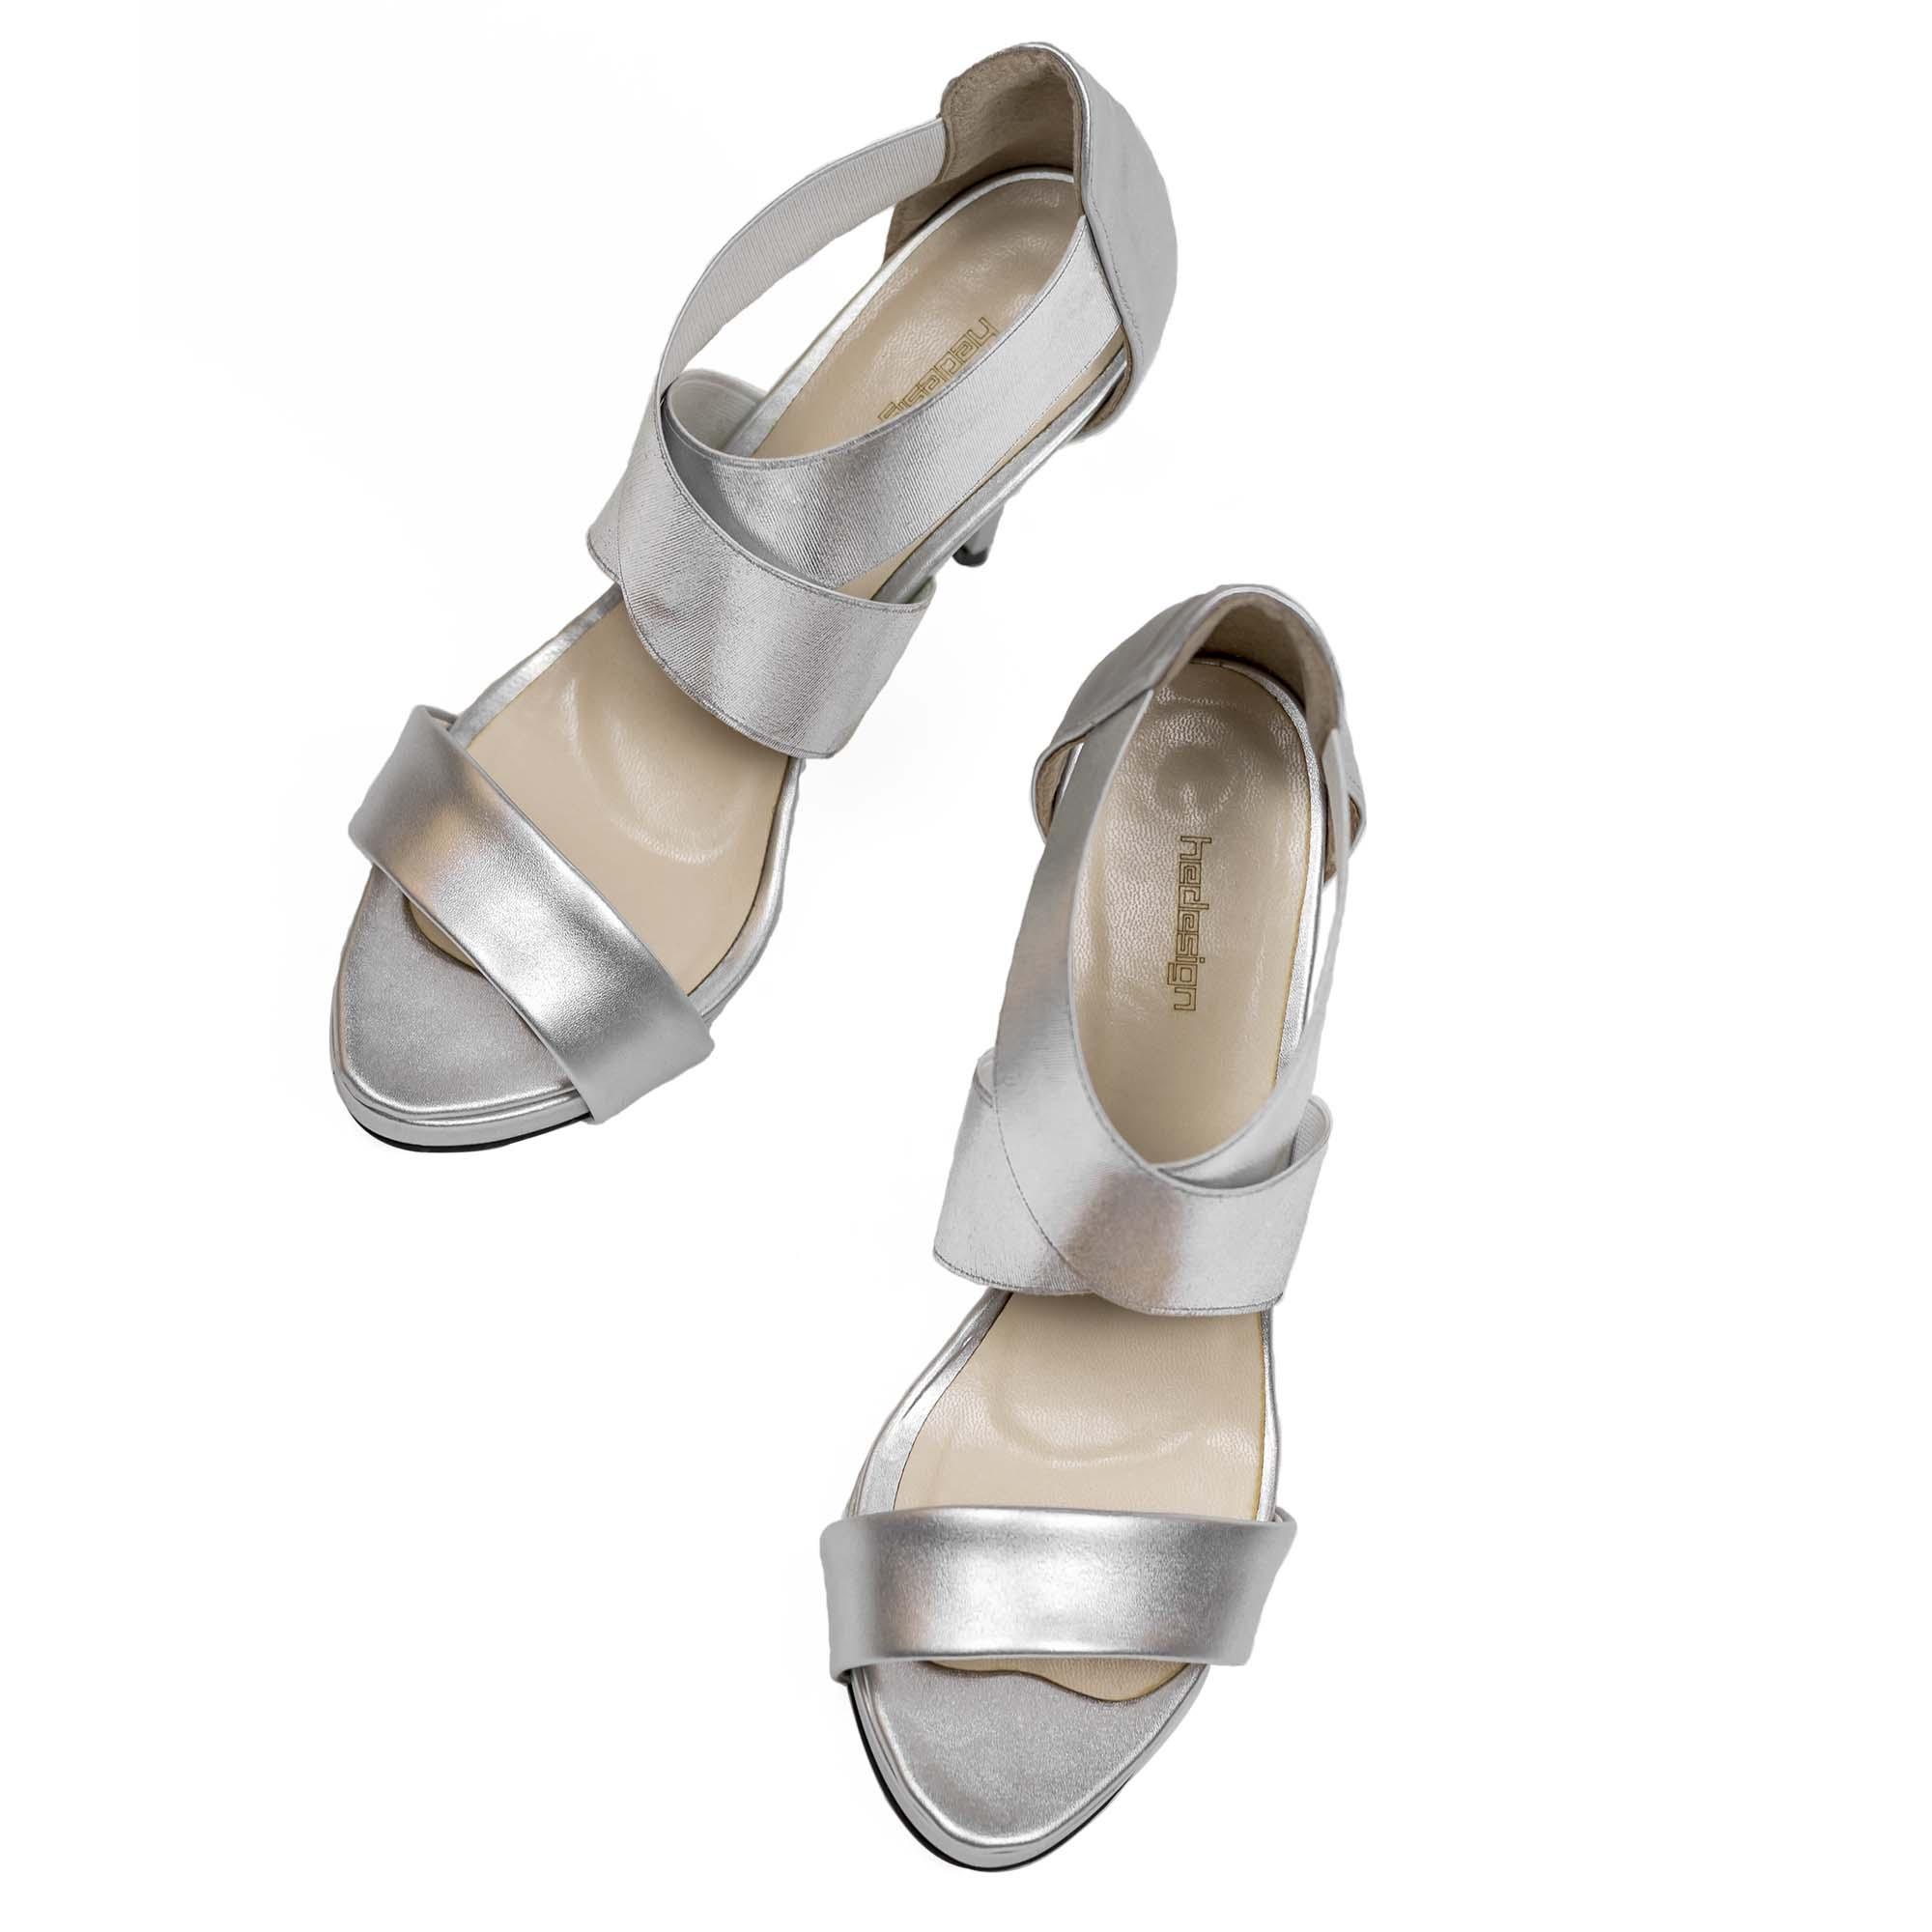 کفش نه هدیزاین مدل S23